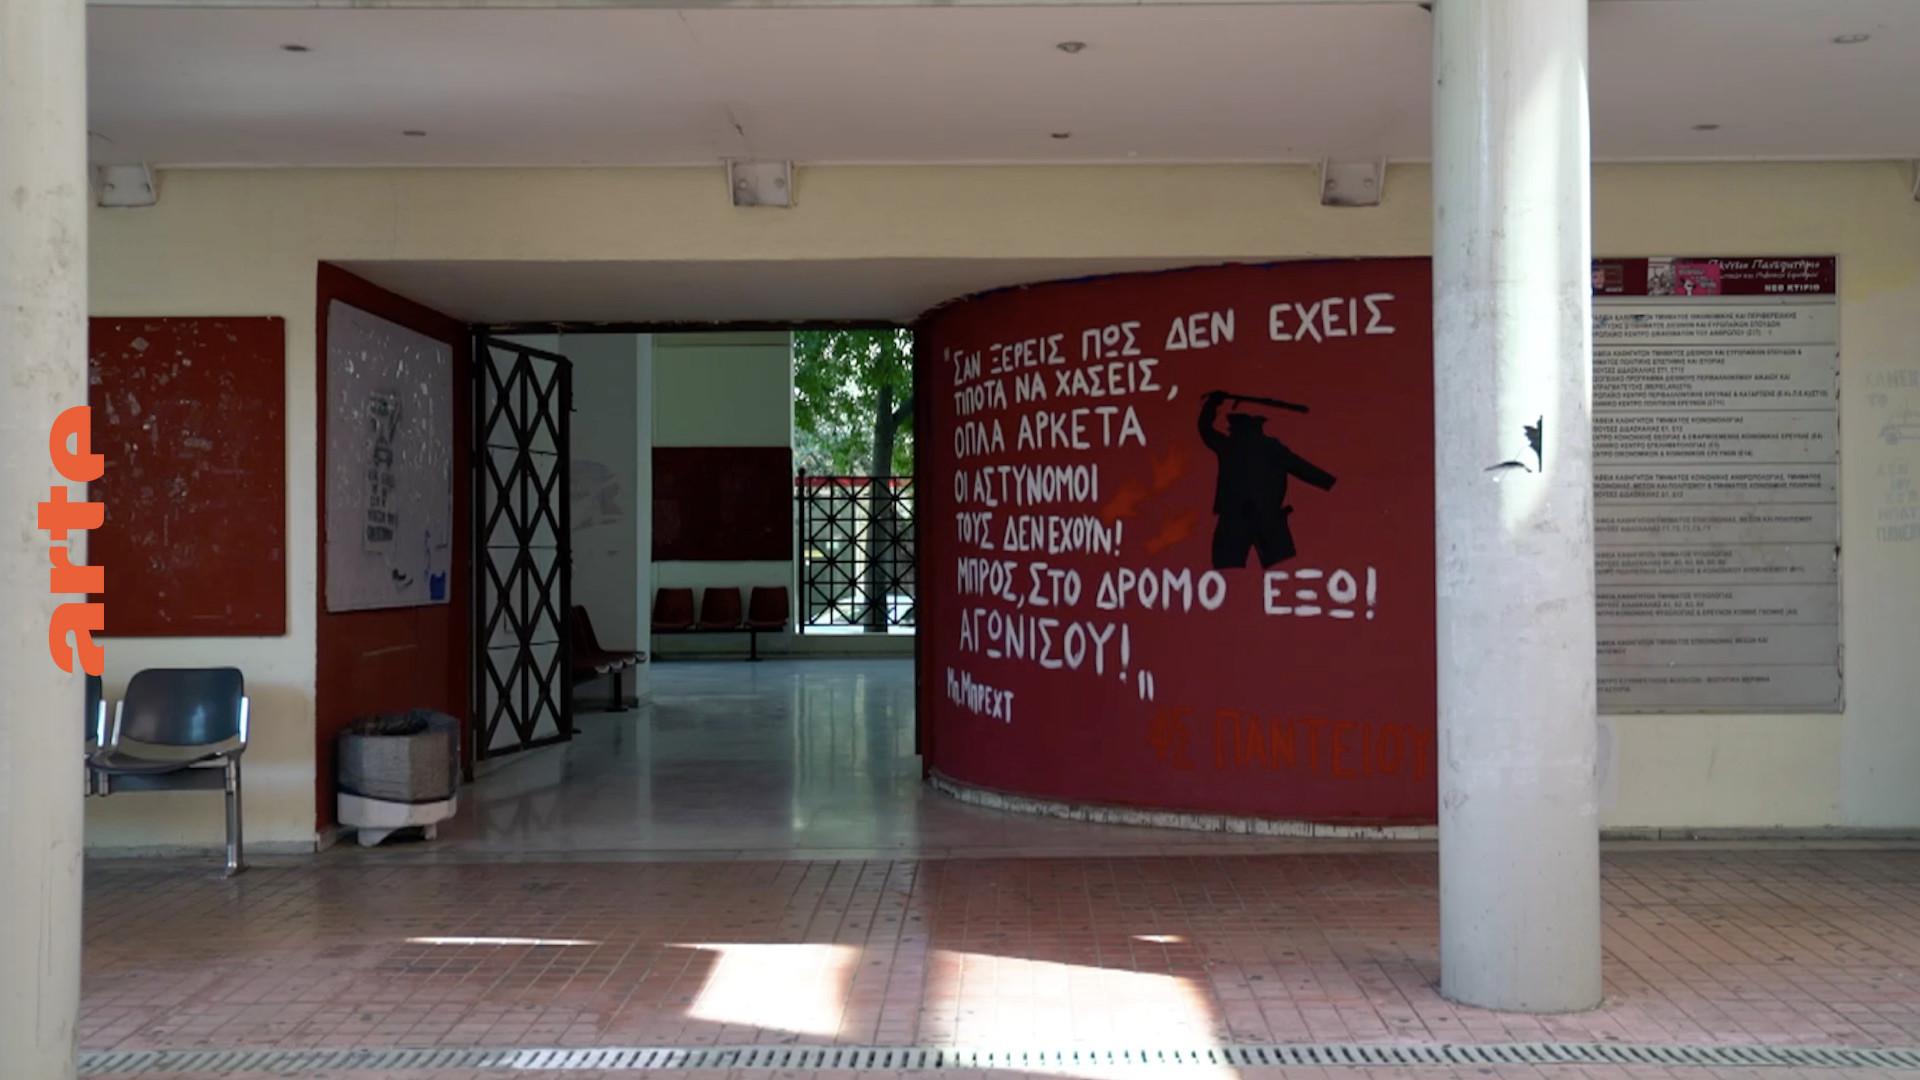 www.arte.tv